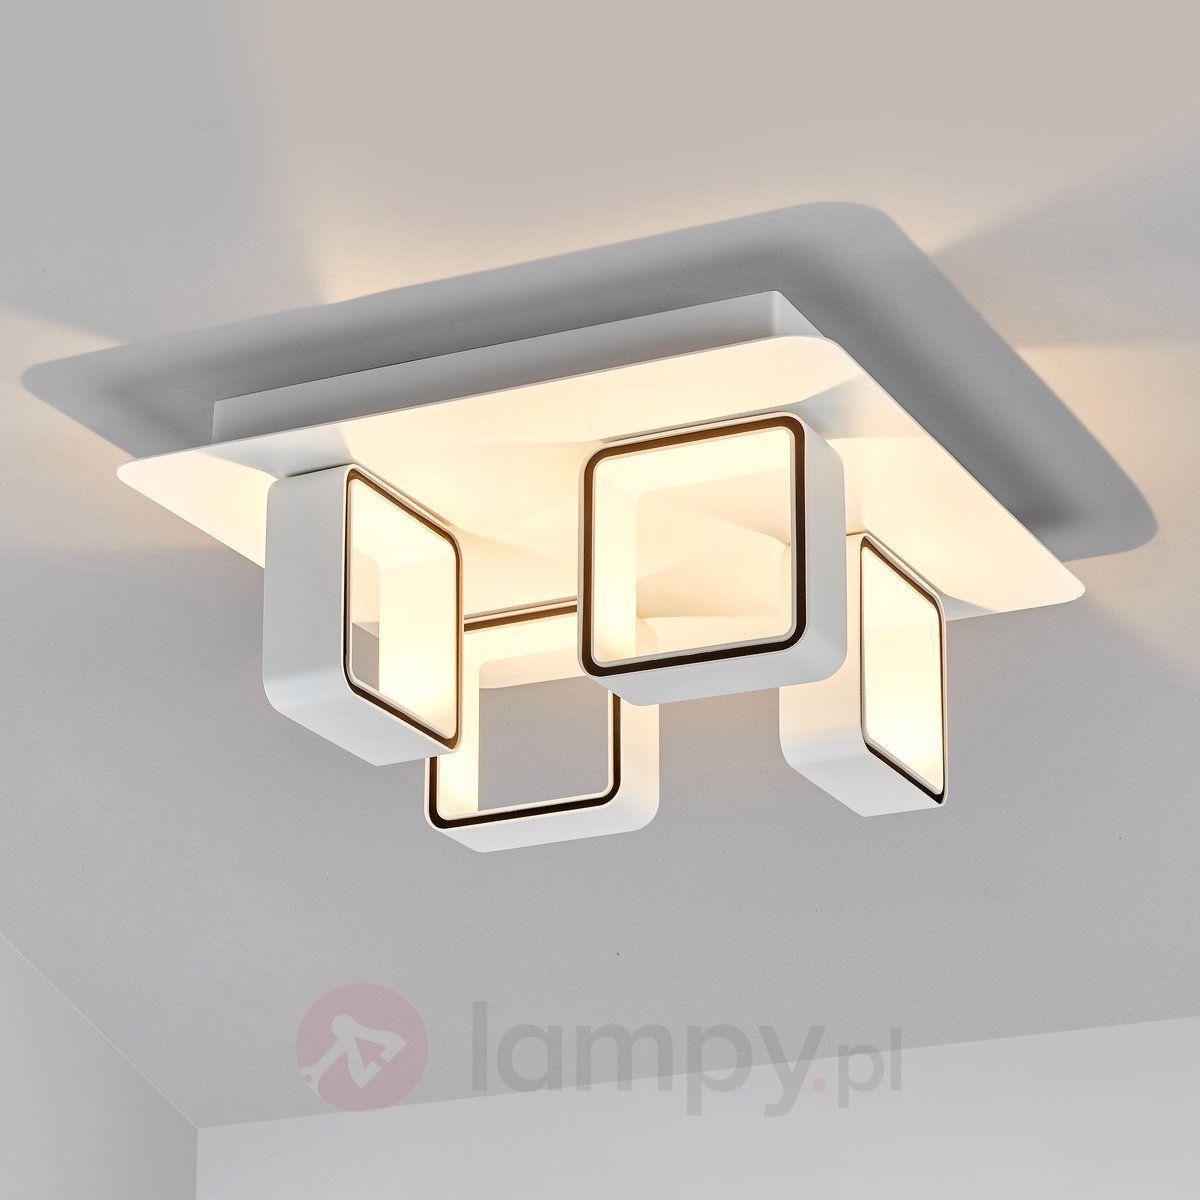 Czteropunktowa lampa sufitowa LED JULA 9644010